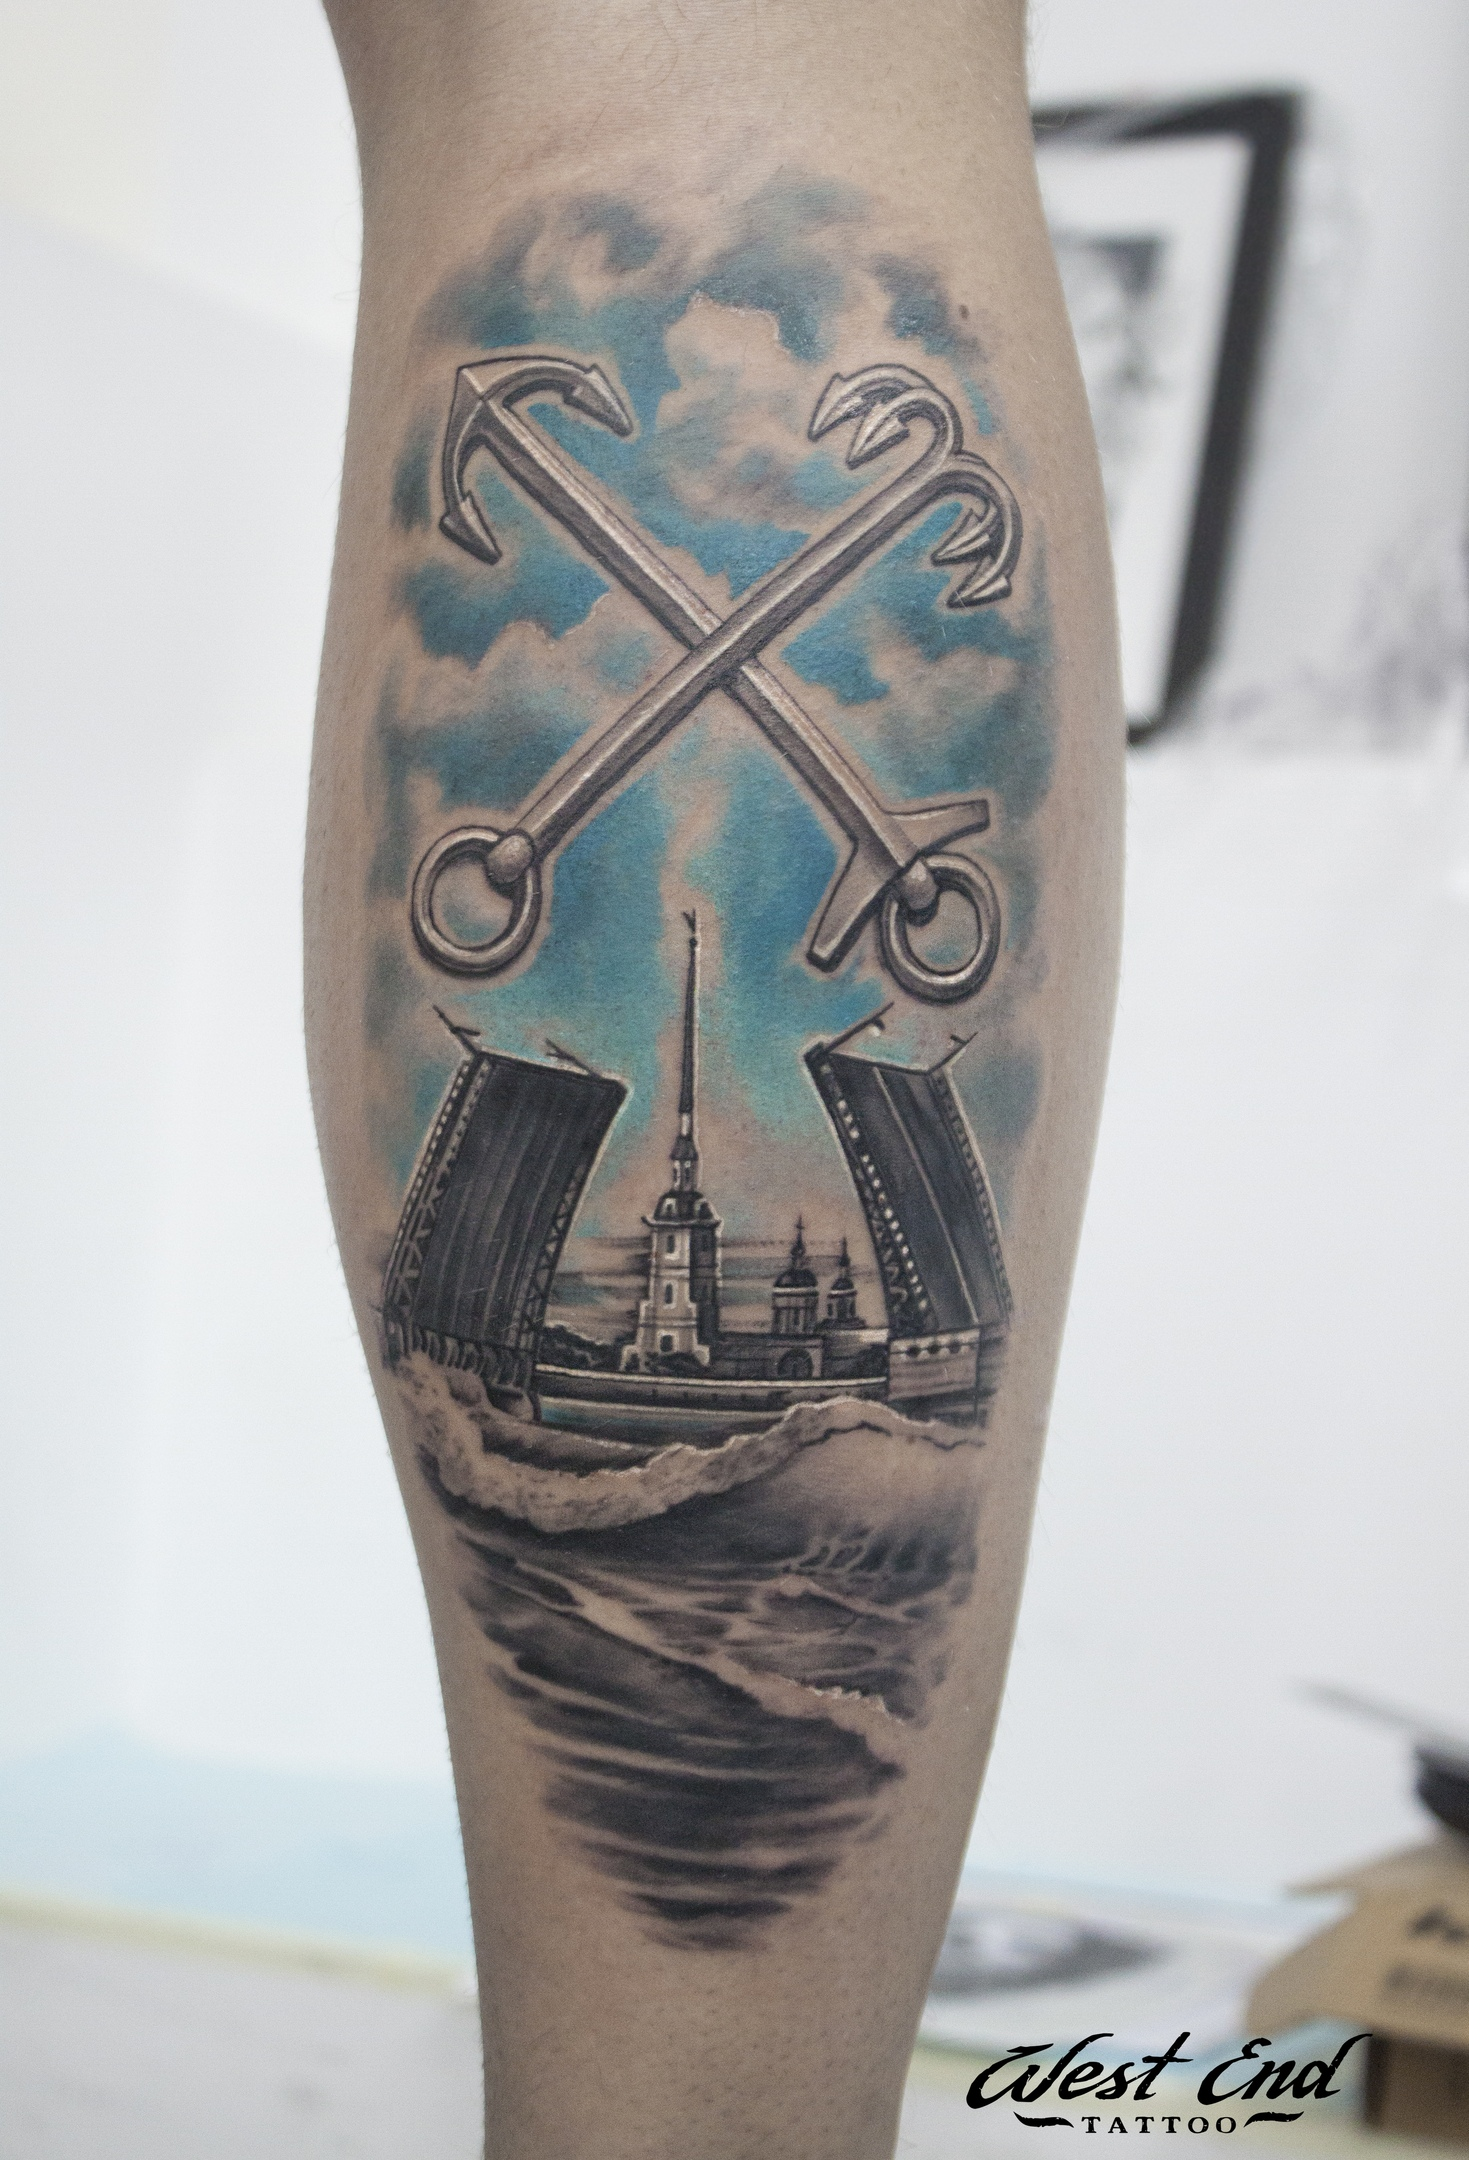 Тату реализм питер татуировка на ноге